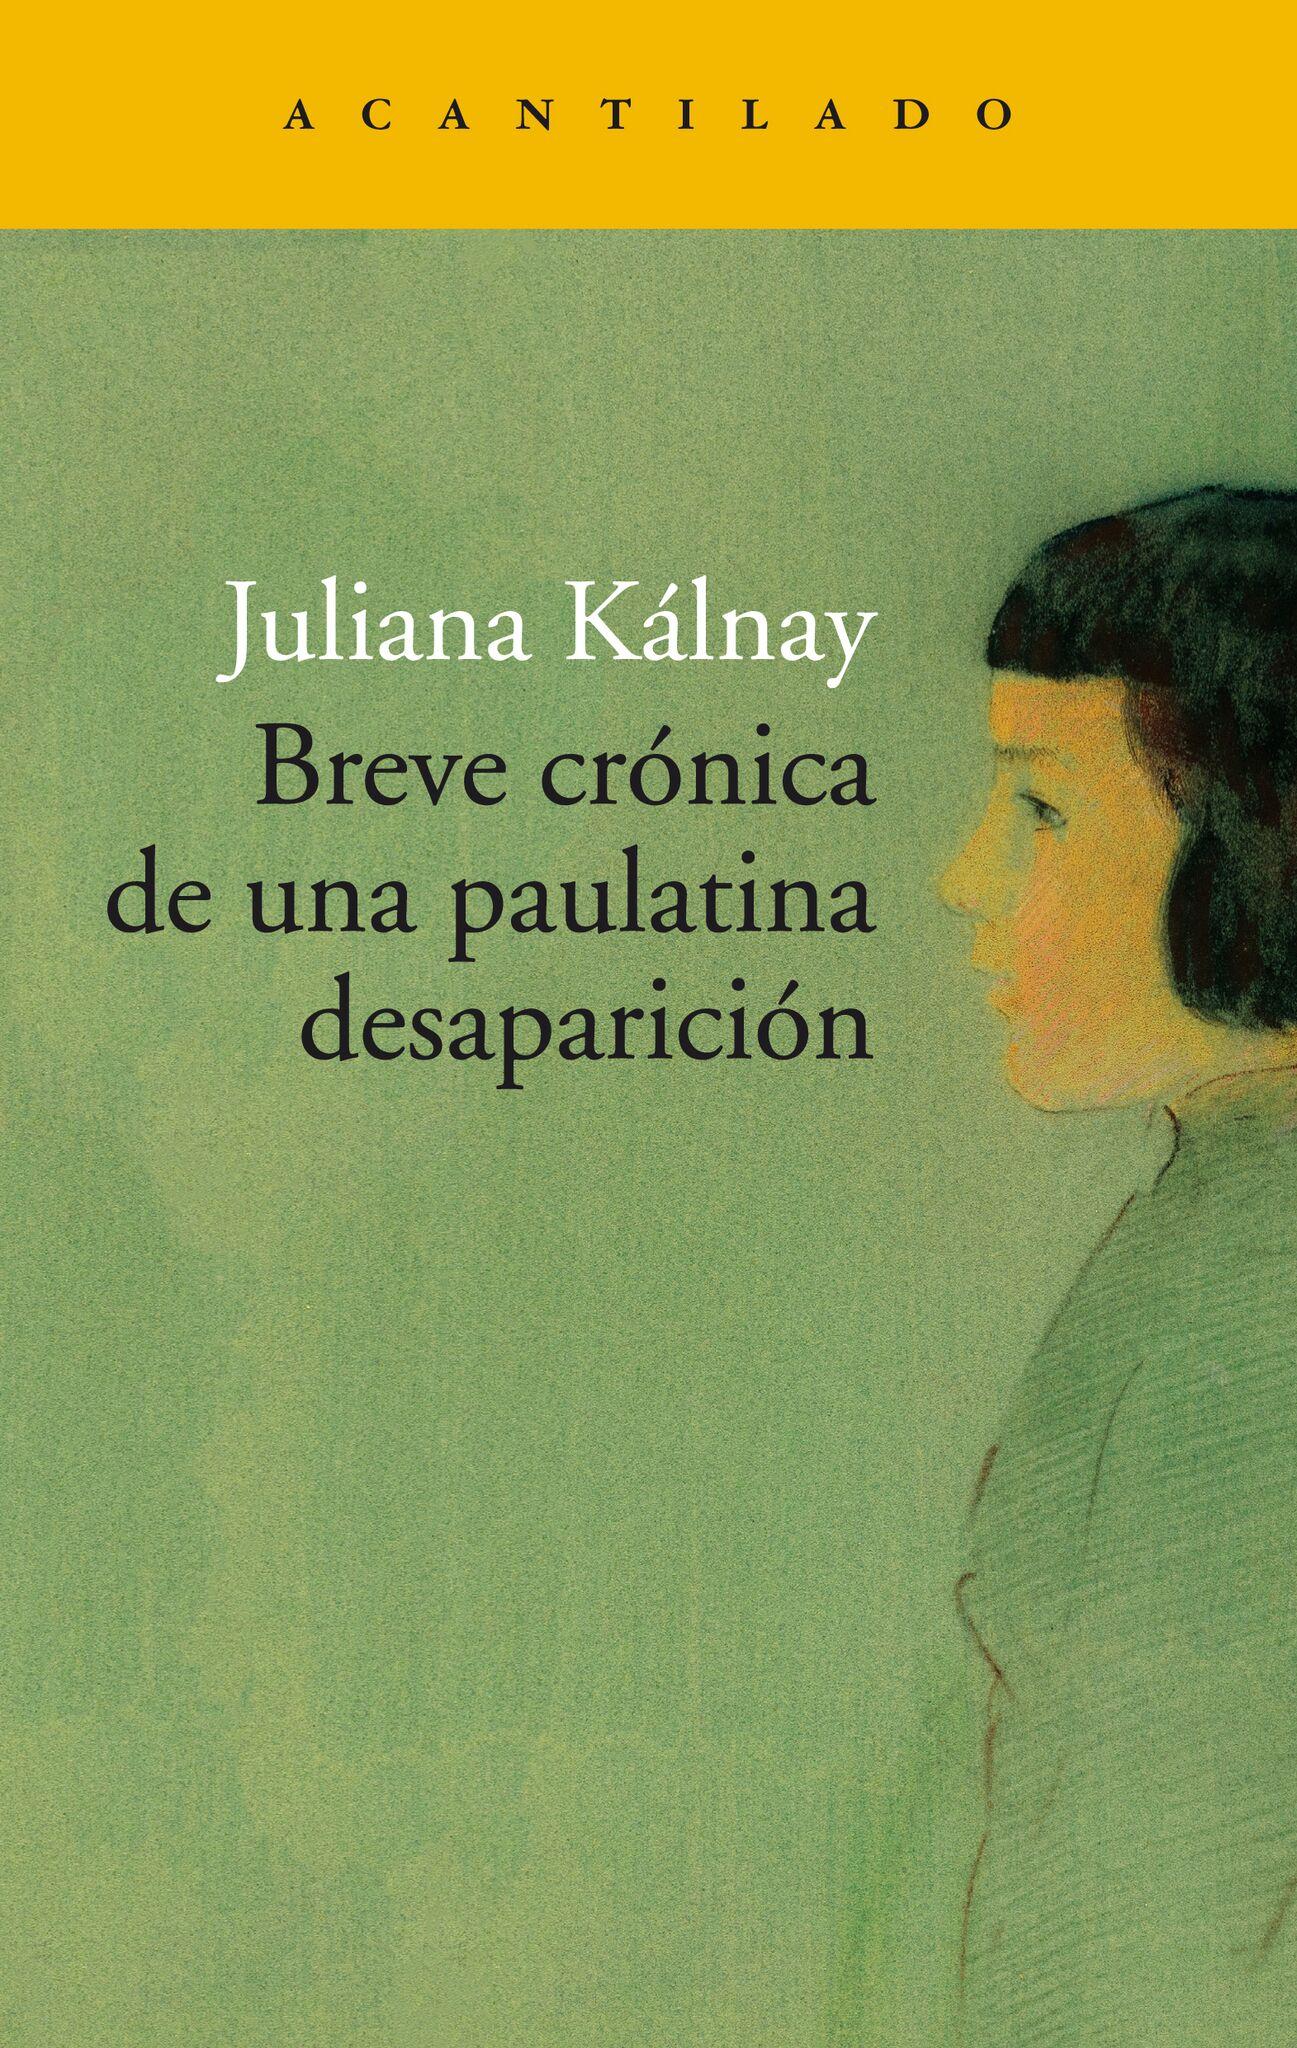 Juliana Kálnay Breve crónica de una paulatina desaparición @acantilado1999